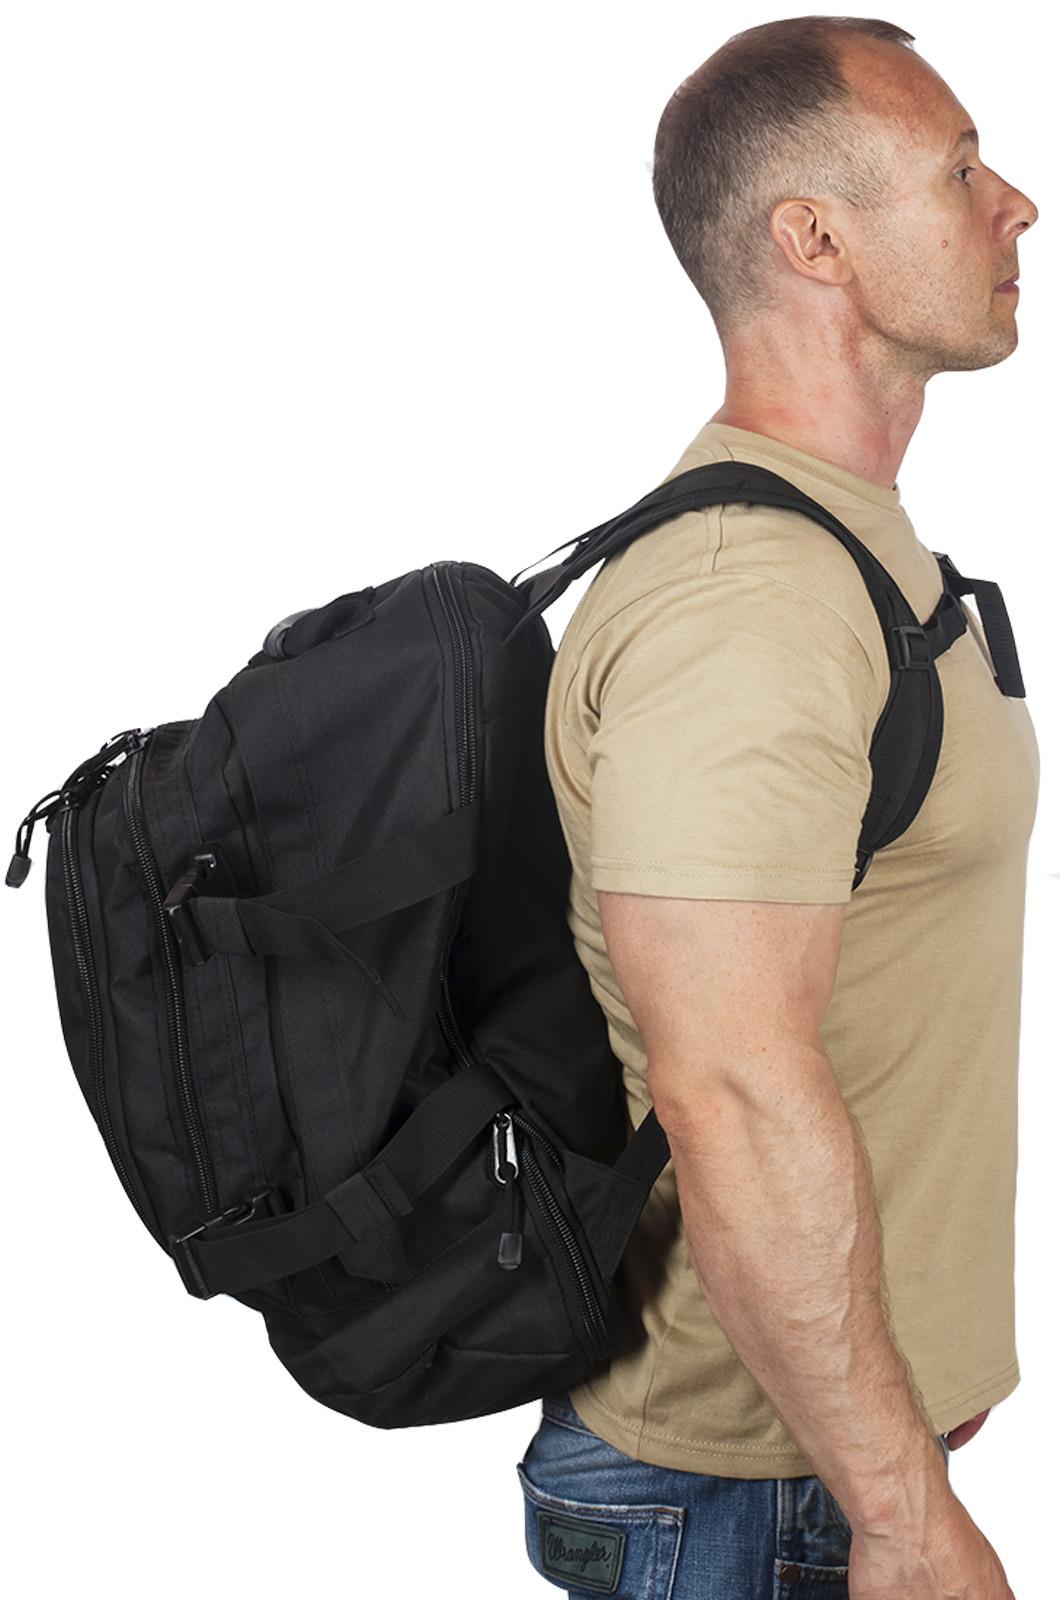 Черный универсальный рюкзак с нашивкой ВМФ - купить в розницу